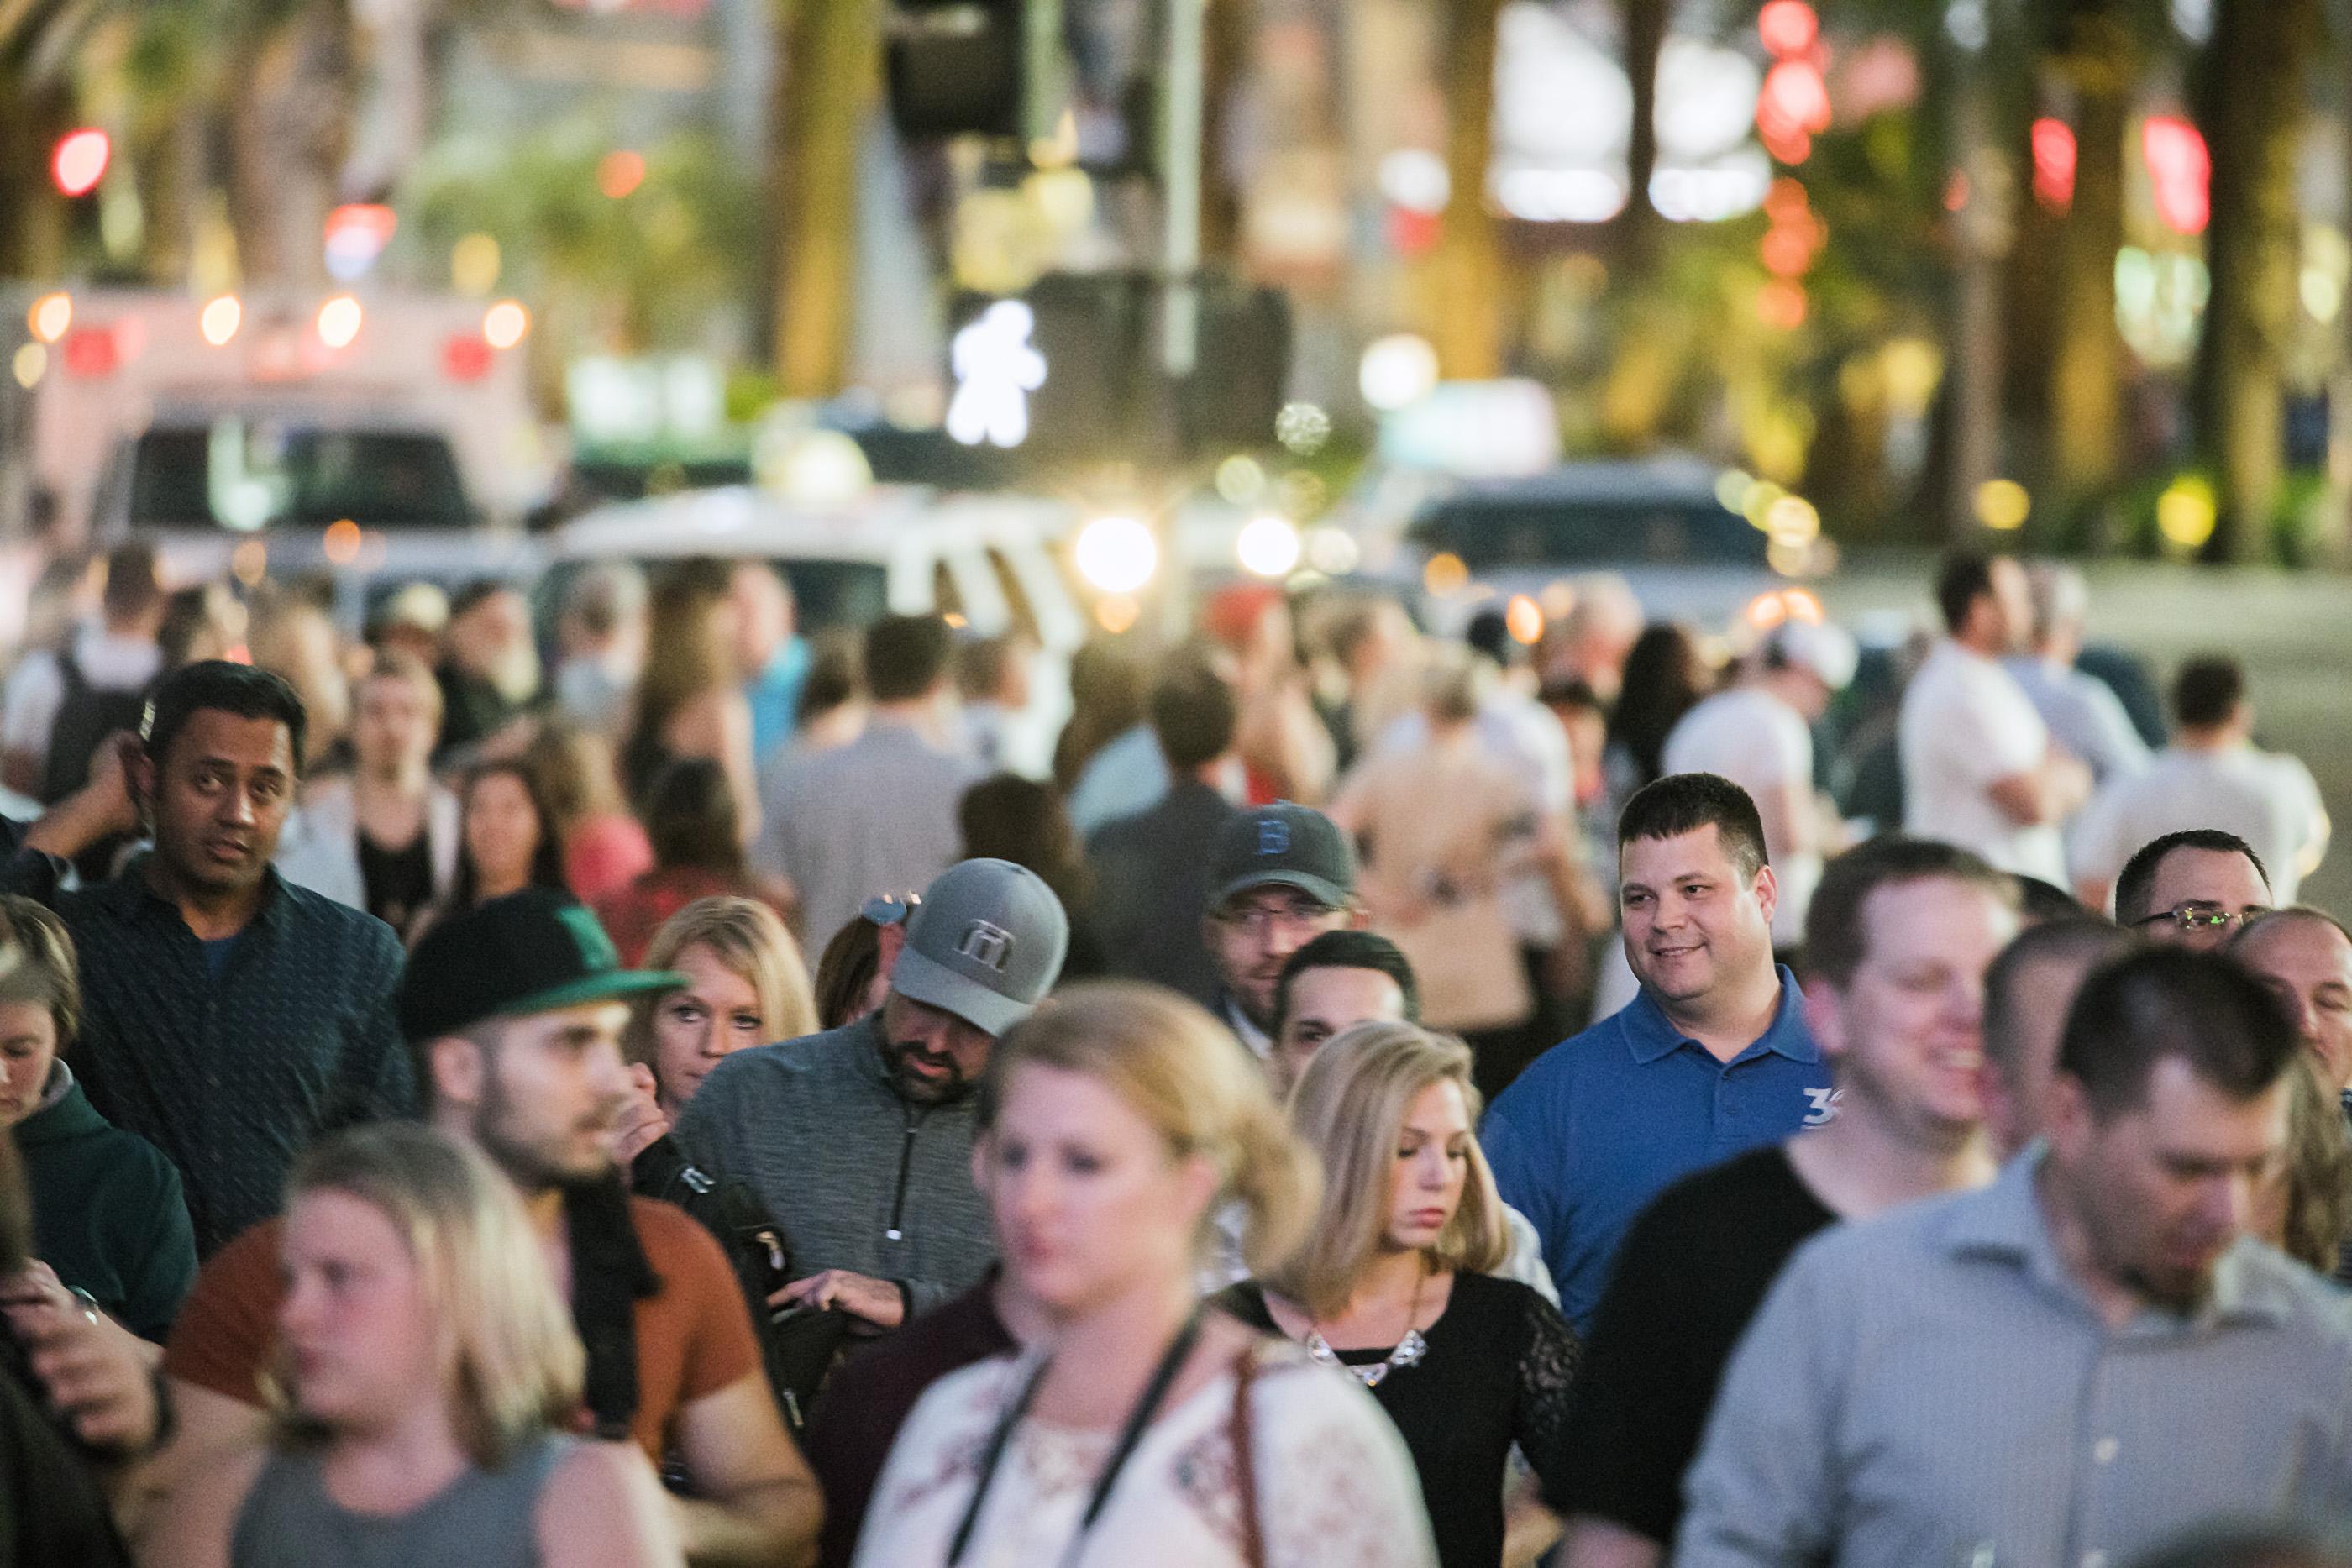 A crowd of people walking down Las Vegas Boulevard